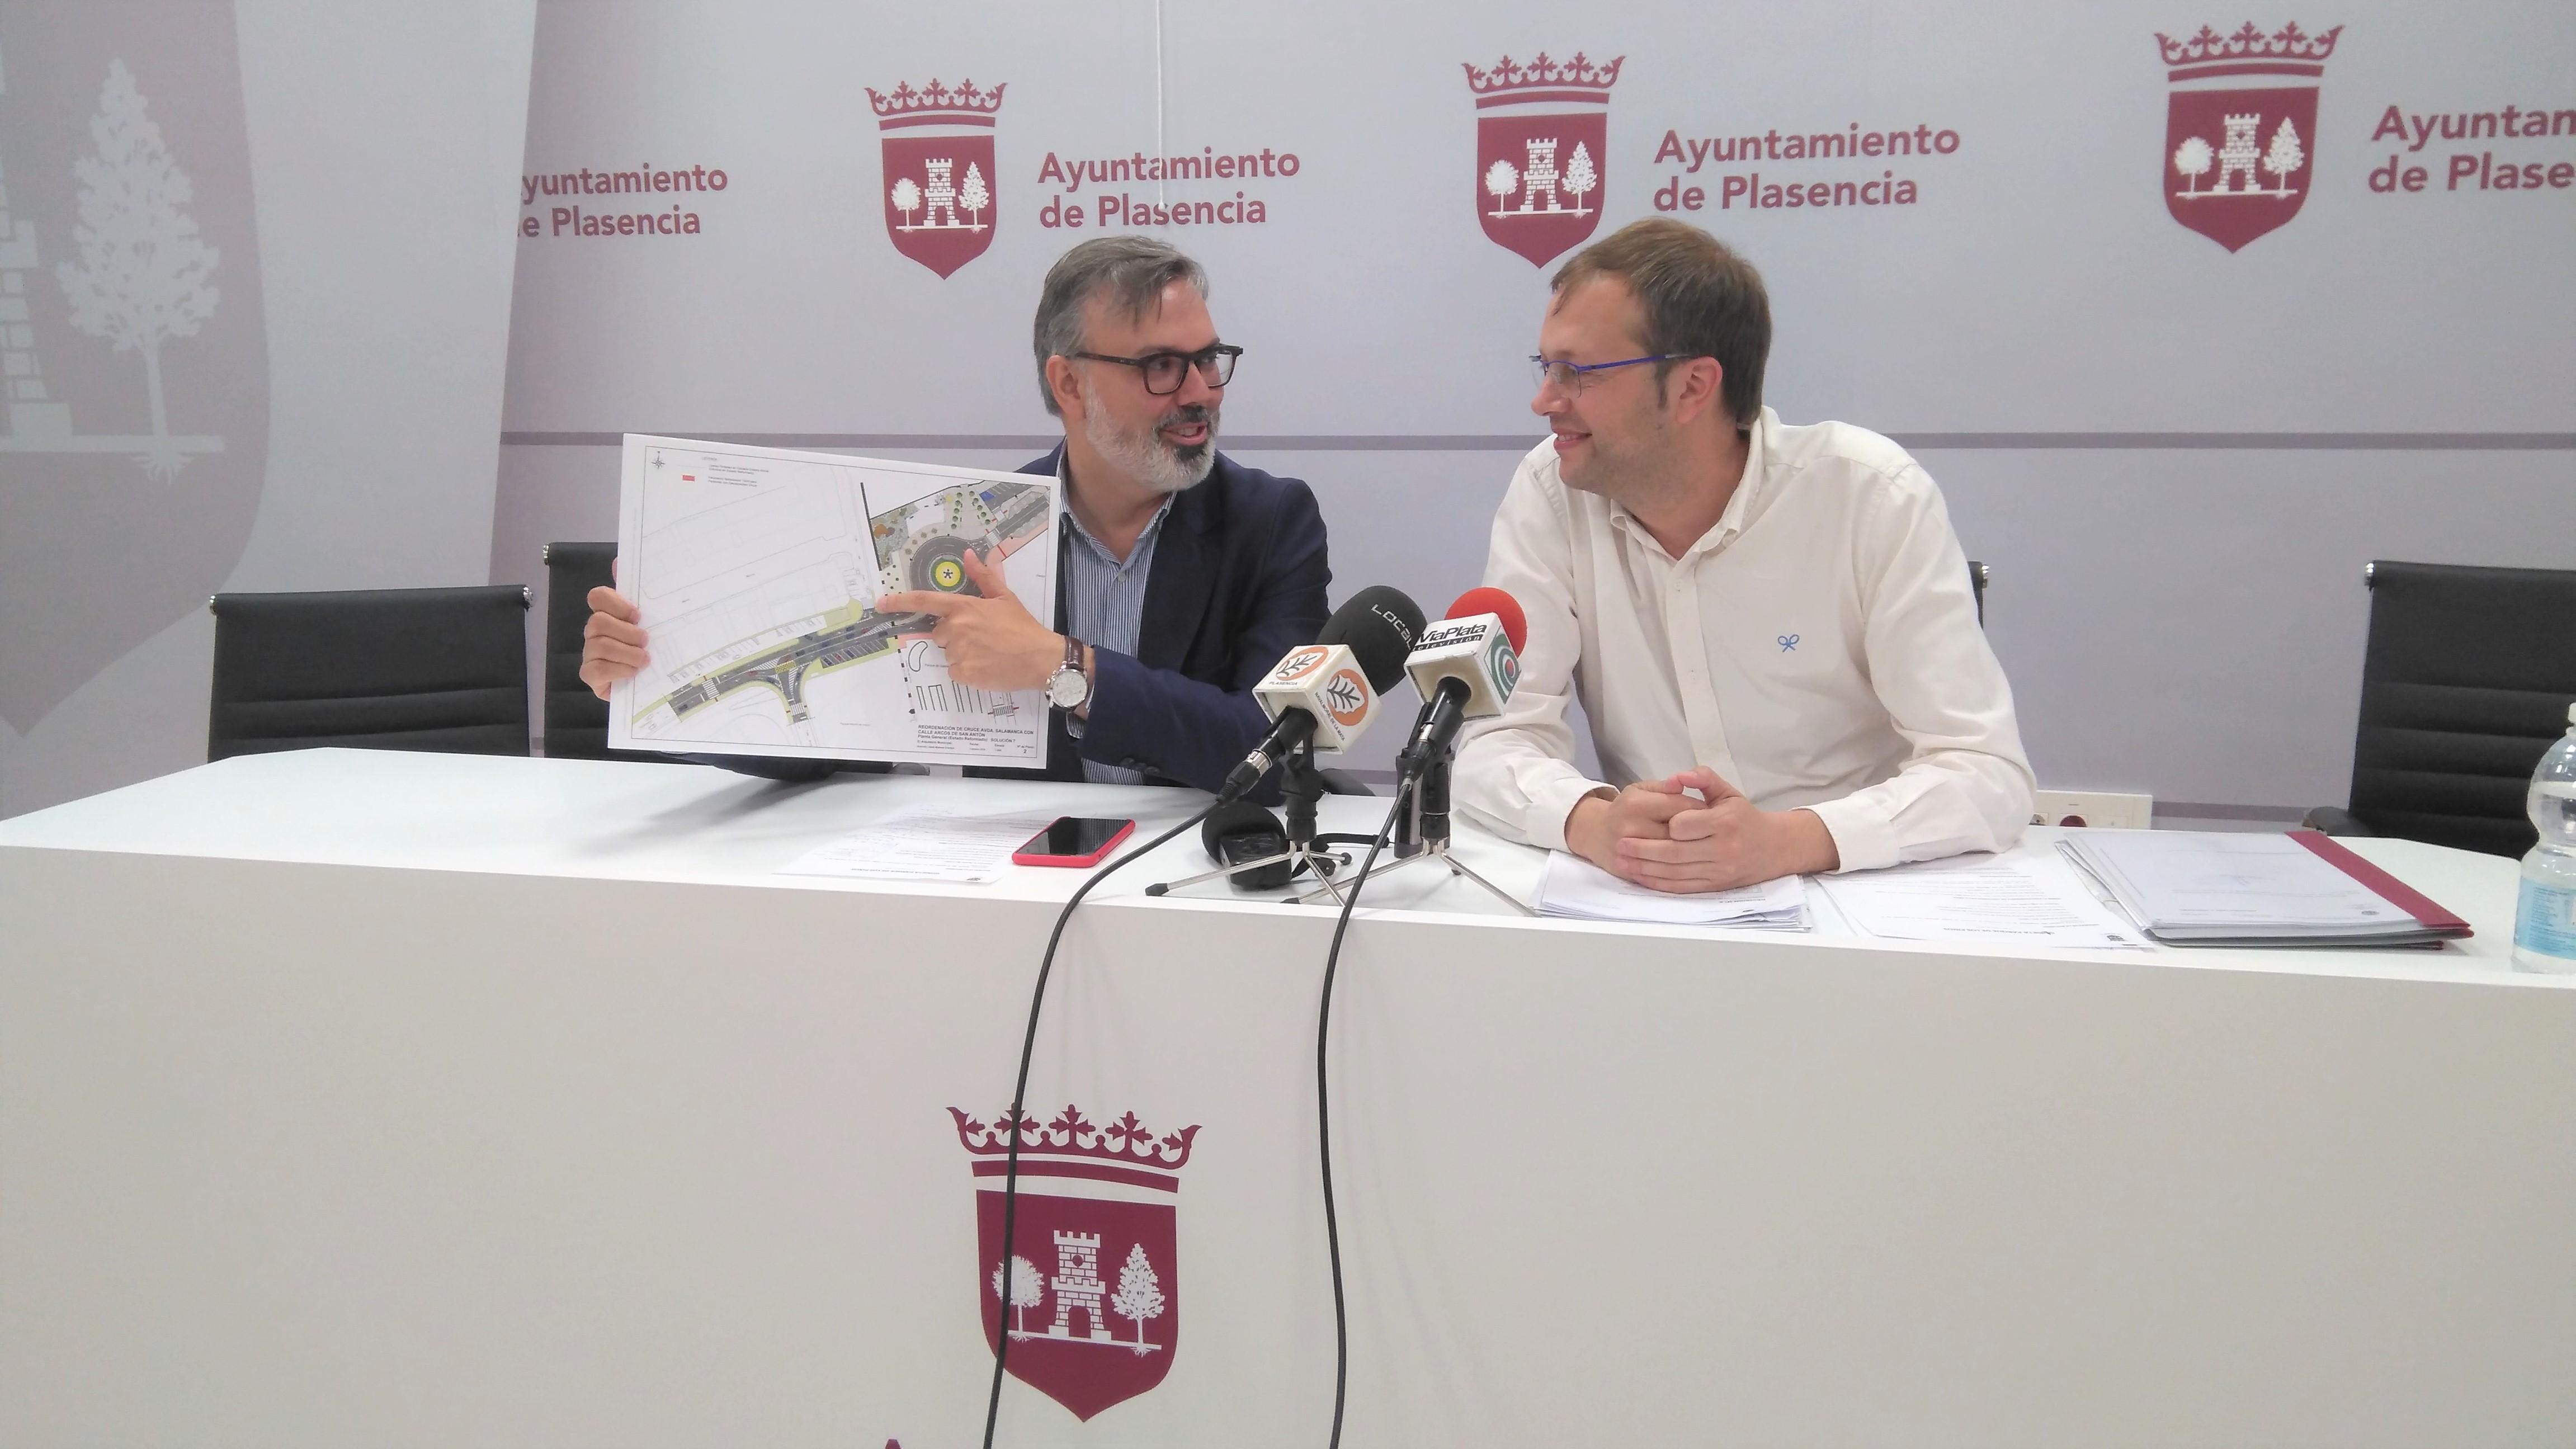 La nueva glorieta sufragada con los fondos europeos FEDER-DUSI estará dedicada al colectivo de Enfermería